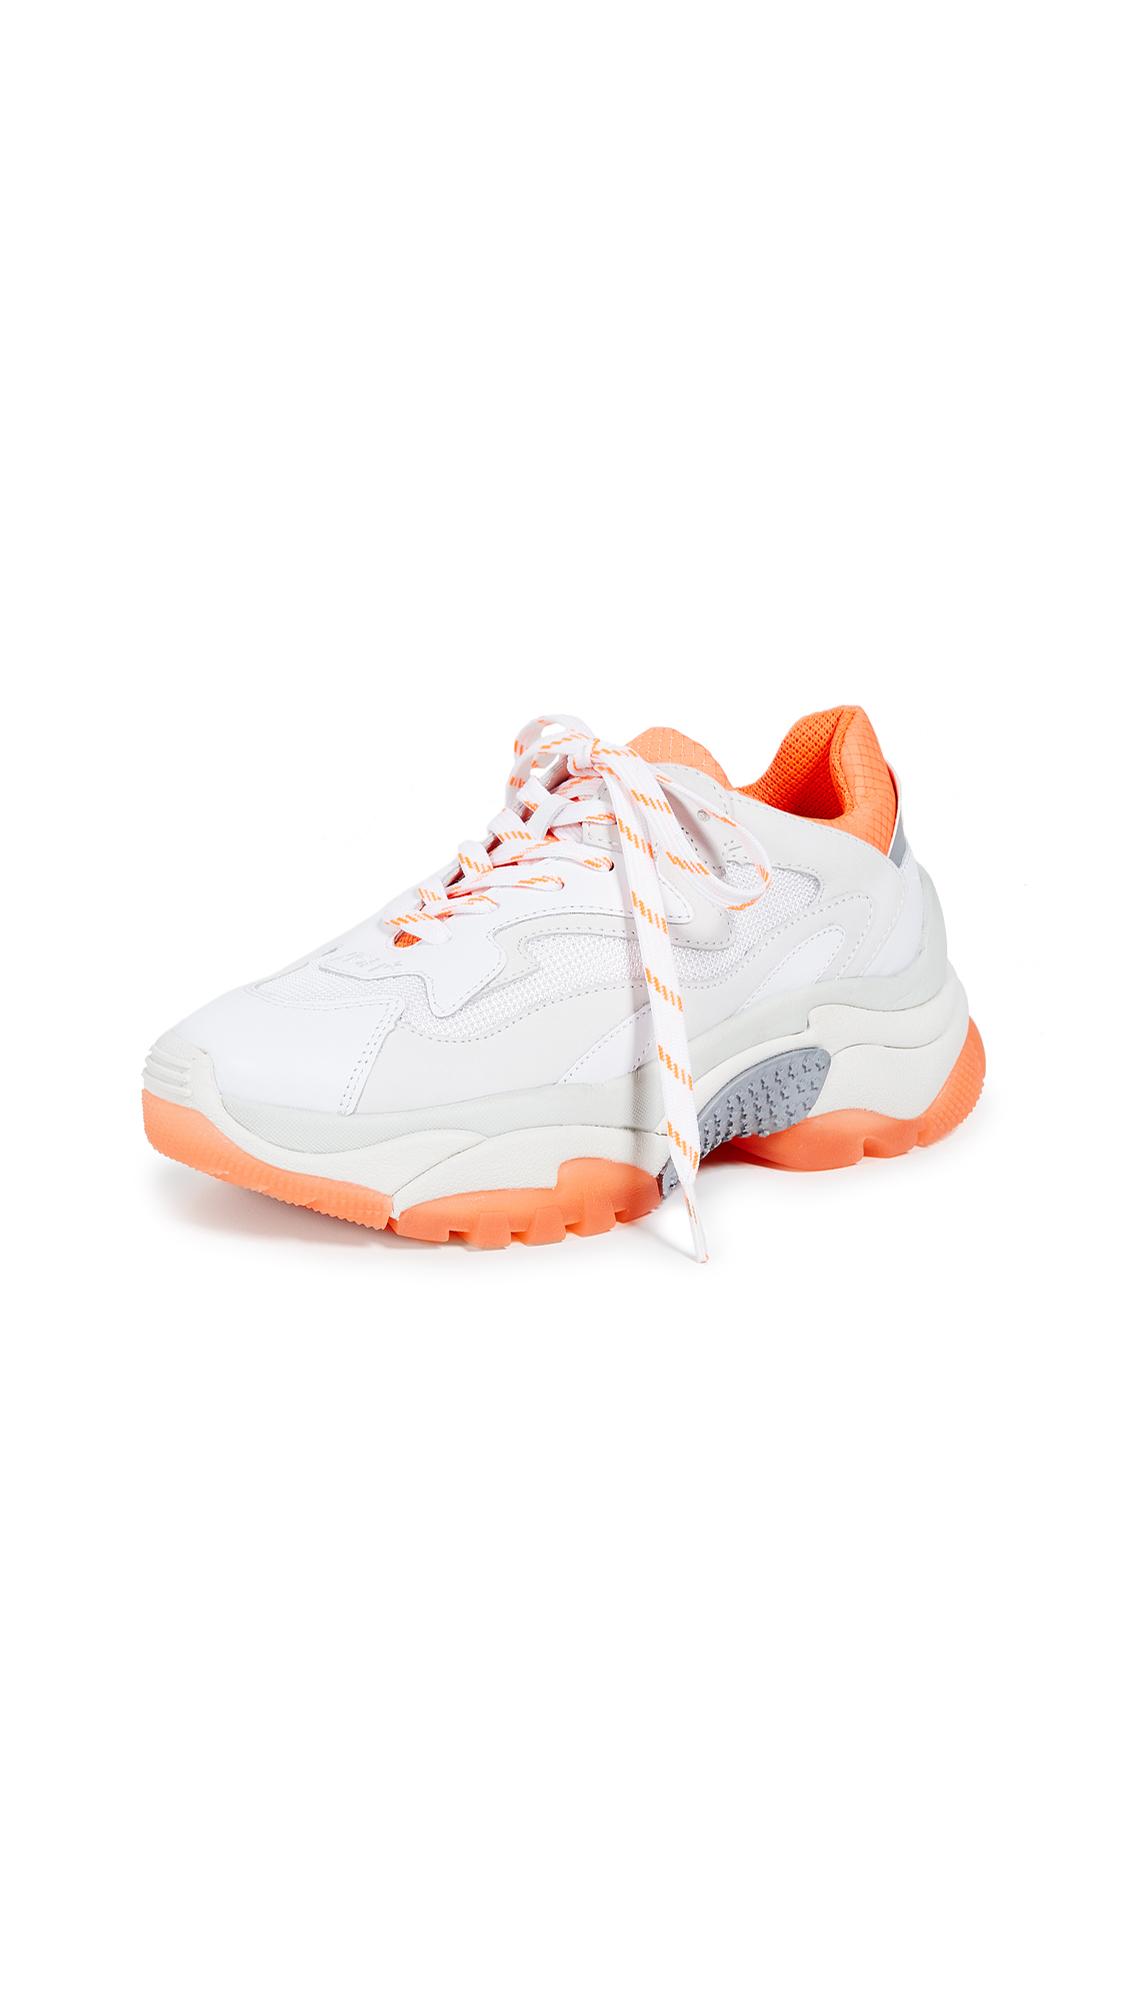 Ash Addict Trainers - White/Fluo Orange/Silver